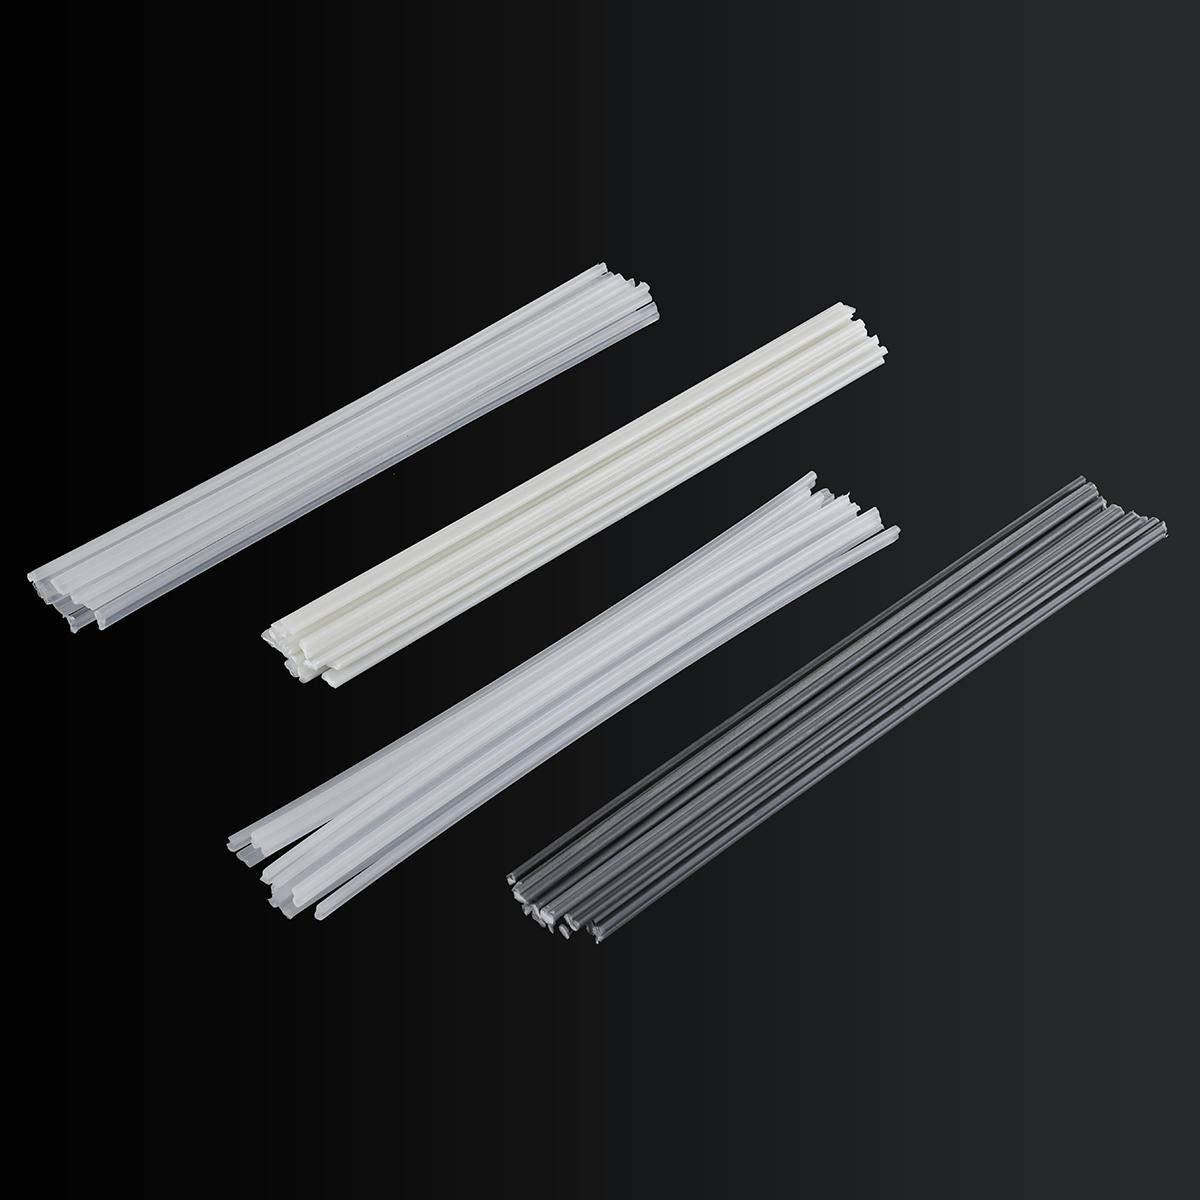 SGerste - Varillas de soldadura de plá stico (50 unidades, ABS/PP/PVC/PE)